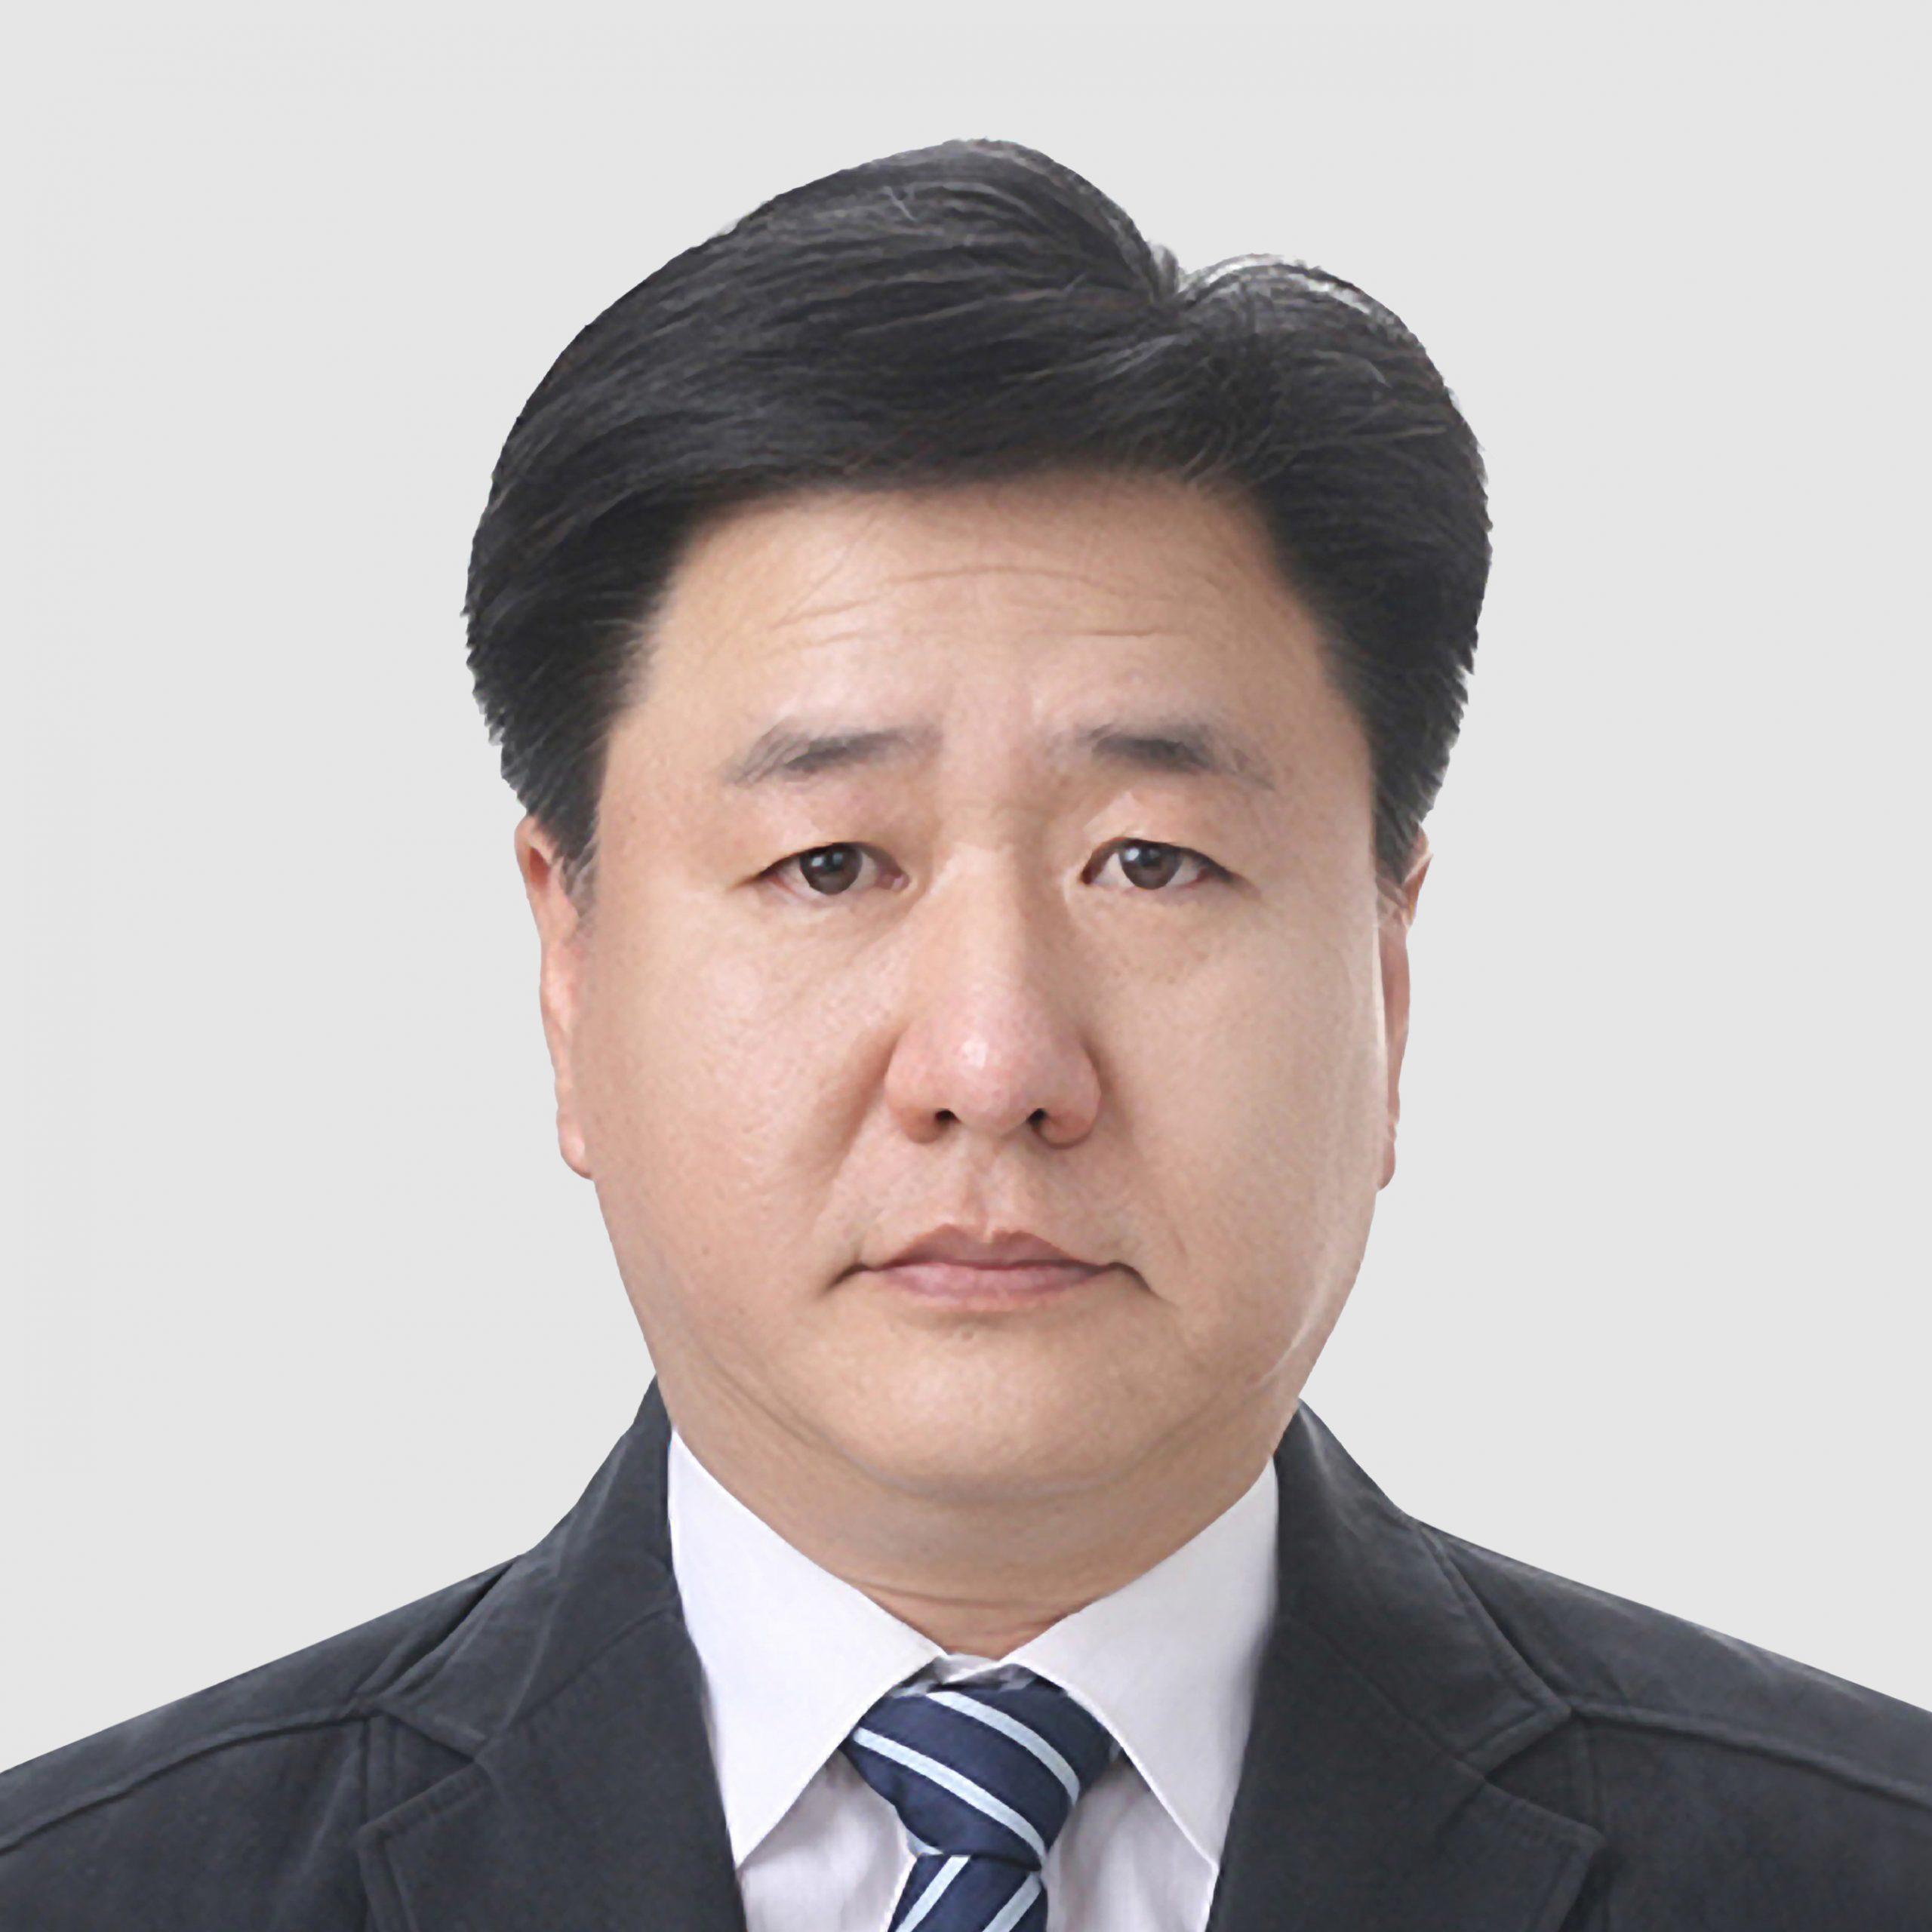 Joonhee (Albert) Lee は、エセックス古河マグネットワイヤ中国のマネージング ディレクターであり、特にトラクション モーターに重点を置いた自動車産業に重点を置いています。エセックス古河合弁会社完成後に異動となった役職です。これに先立ち、Lee は Essex Magnet Wire の技術担当エグゼクティブ ディレクターを 4 年間務め、過去四半世紀にわたり、自動車産業に焦点を当てた新技術の開発に携わってきました。彼は、モーター アプリケーションのマグネット ワイヤの特性設計を改善し、エナメル加工の特性を改善しました。 Lee は、韓国の慶北大学校で工業化学の修士号を取得しました。